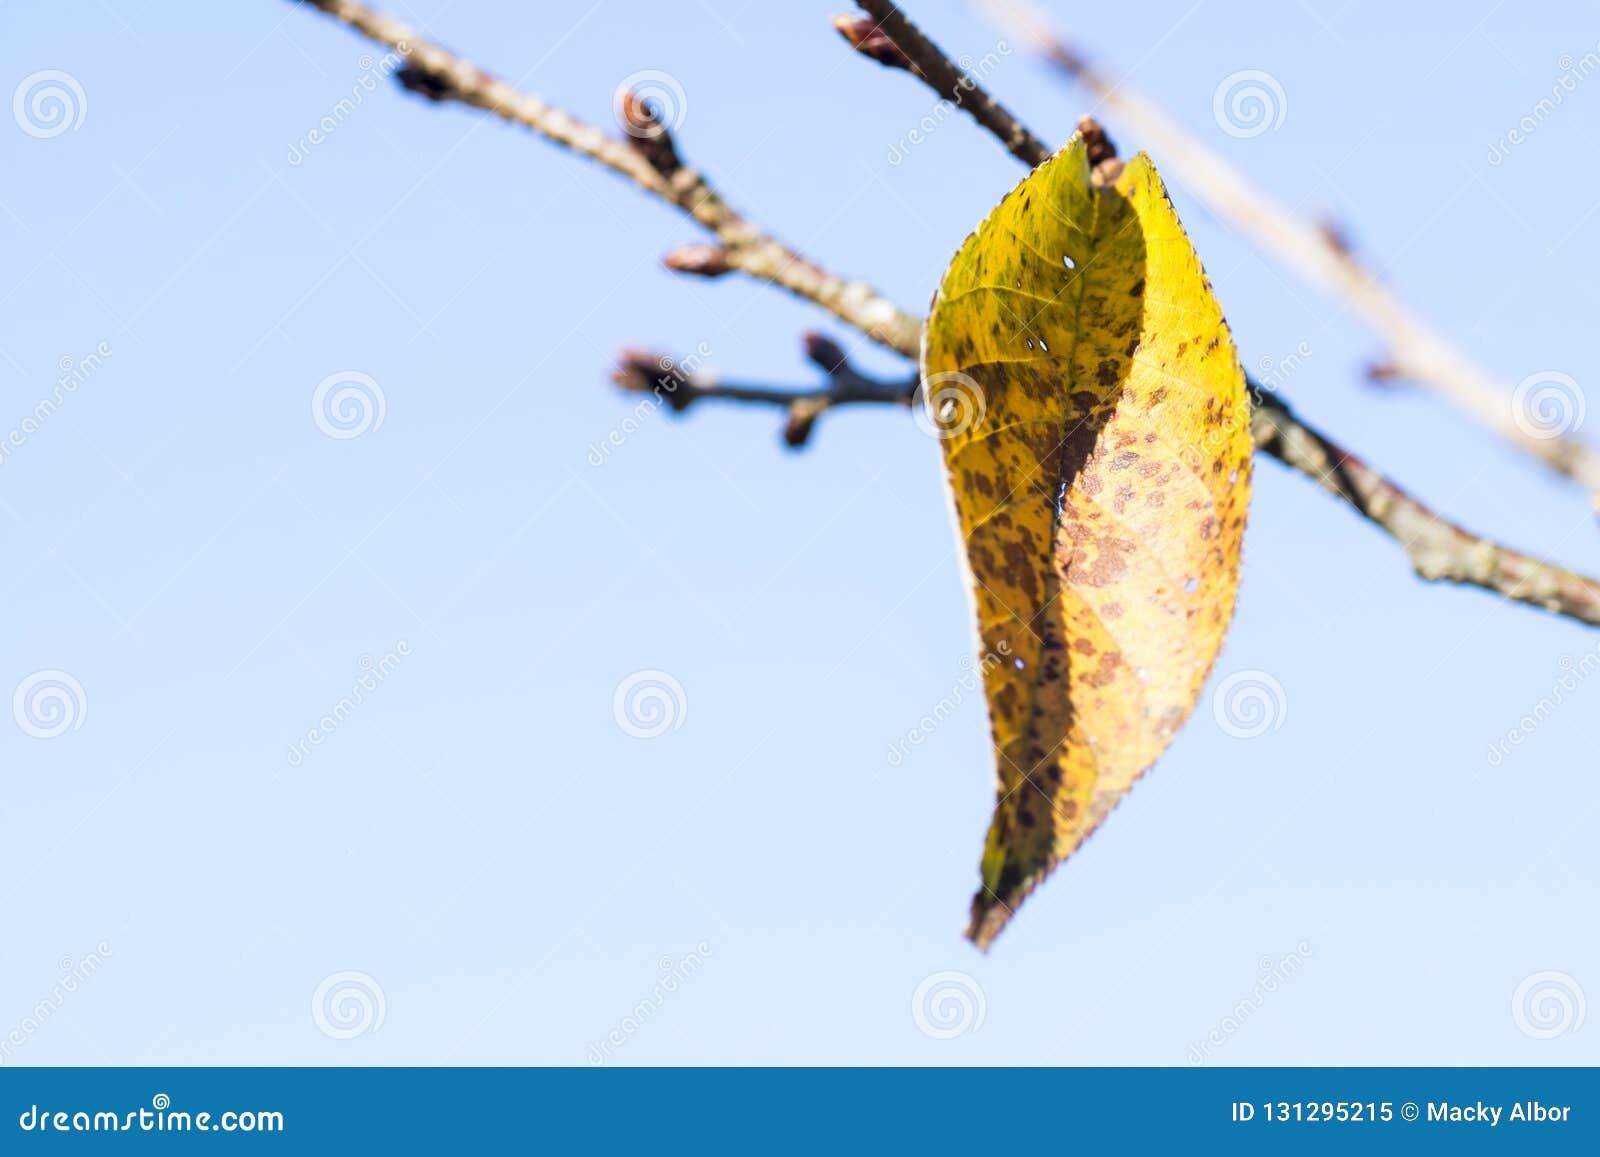 Ένα κίτρινο πορτοκαλί φύλλο του δέντρου ανθών κερασιών διαρκεί το ένα αριστερά το φθινόπωρο ή πέφτει